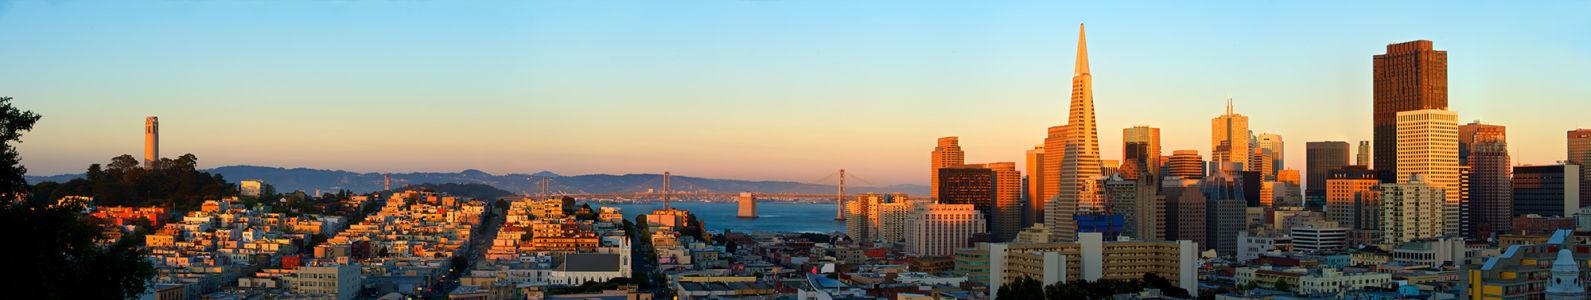 Фотообои Сан-Франциско (panorama-61)